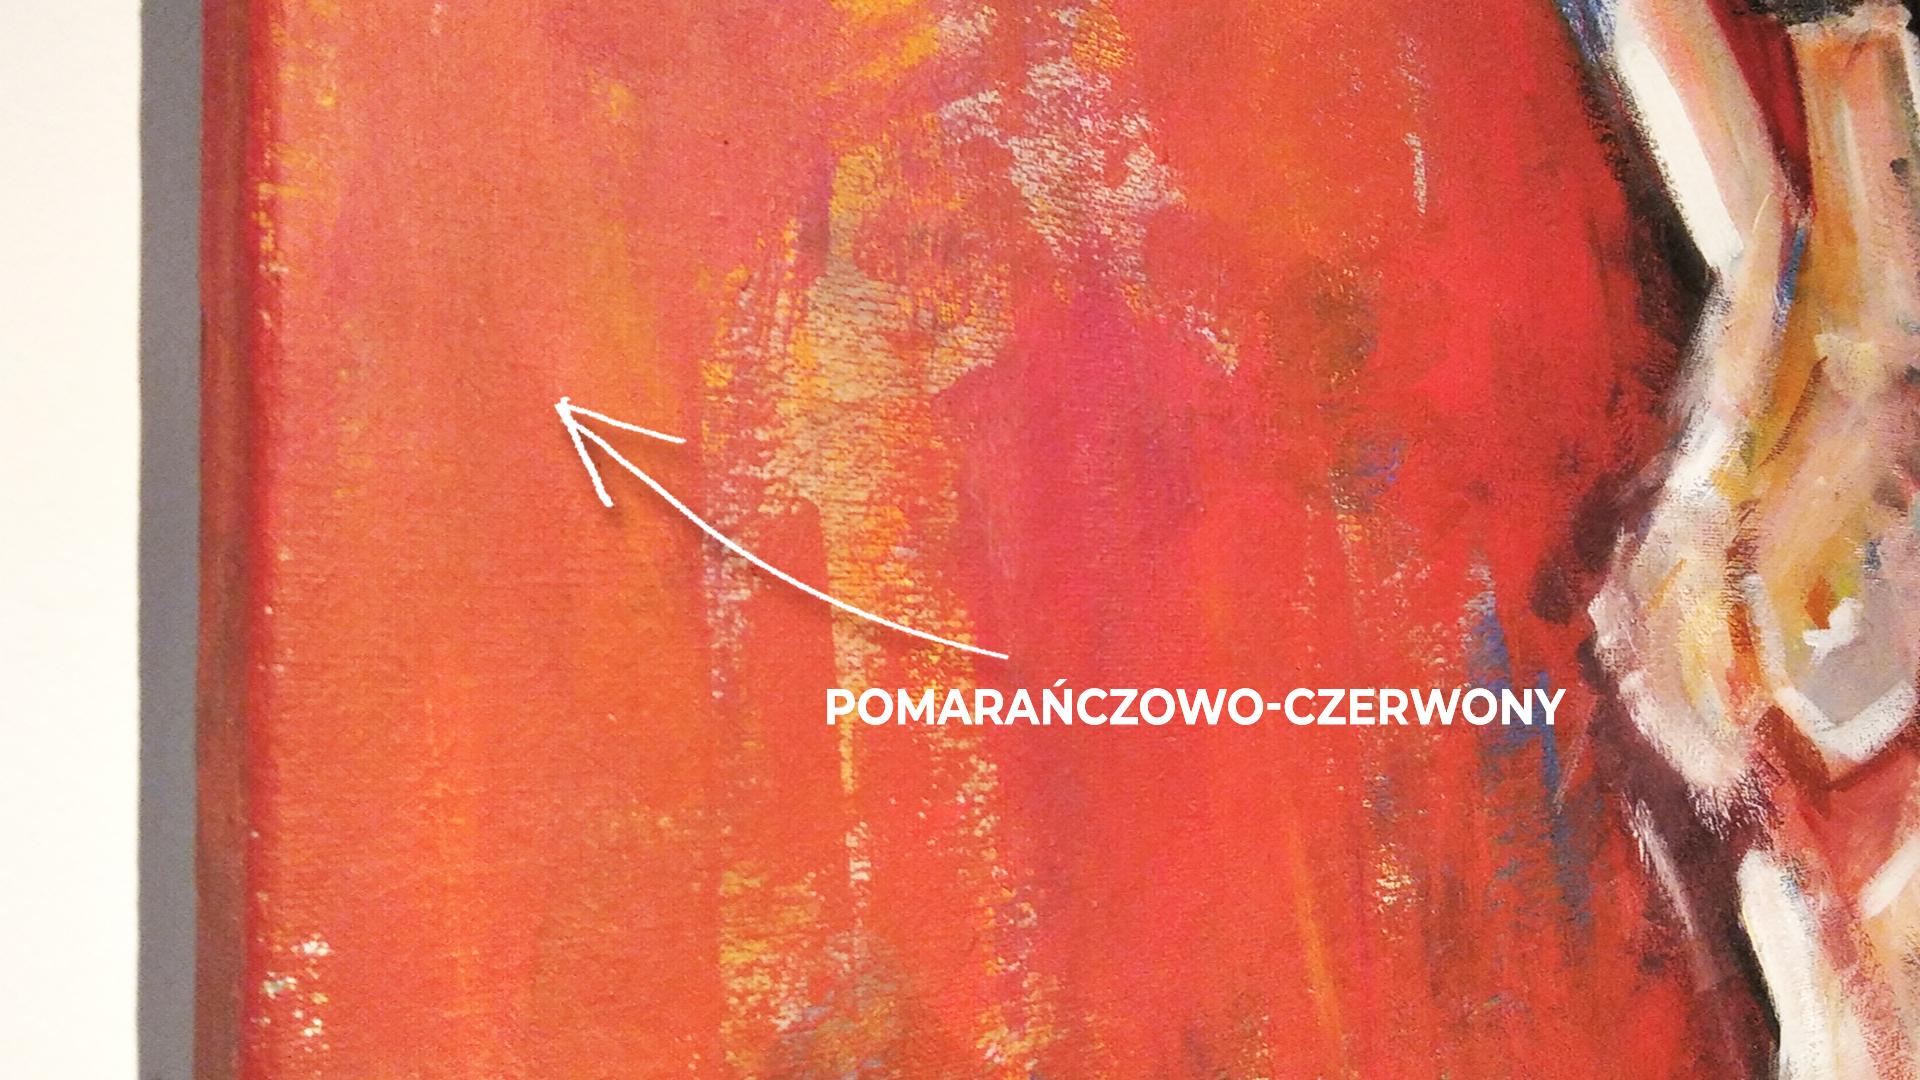 Obraz Akrylowy Poza 60 x 80 cm DETAL 1